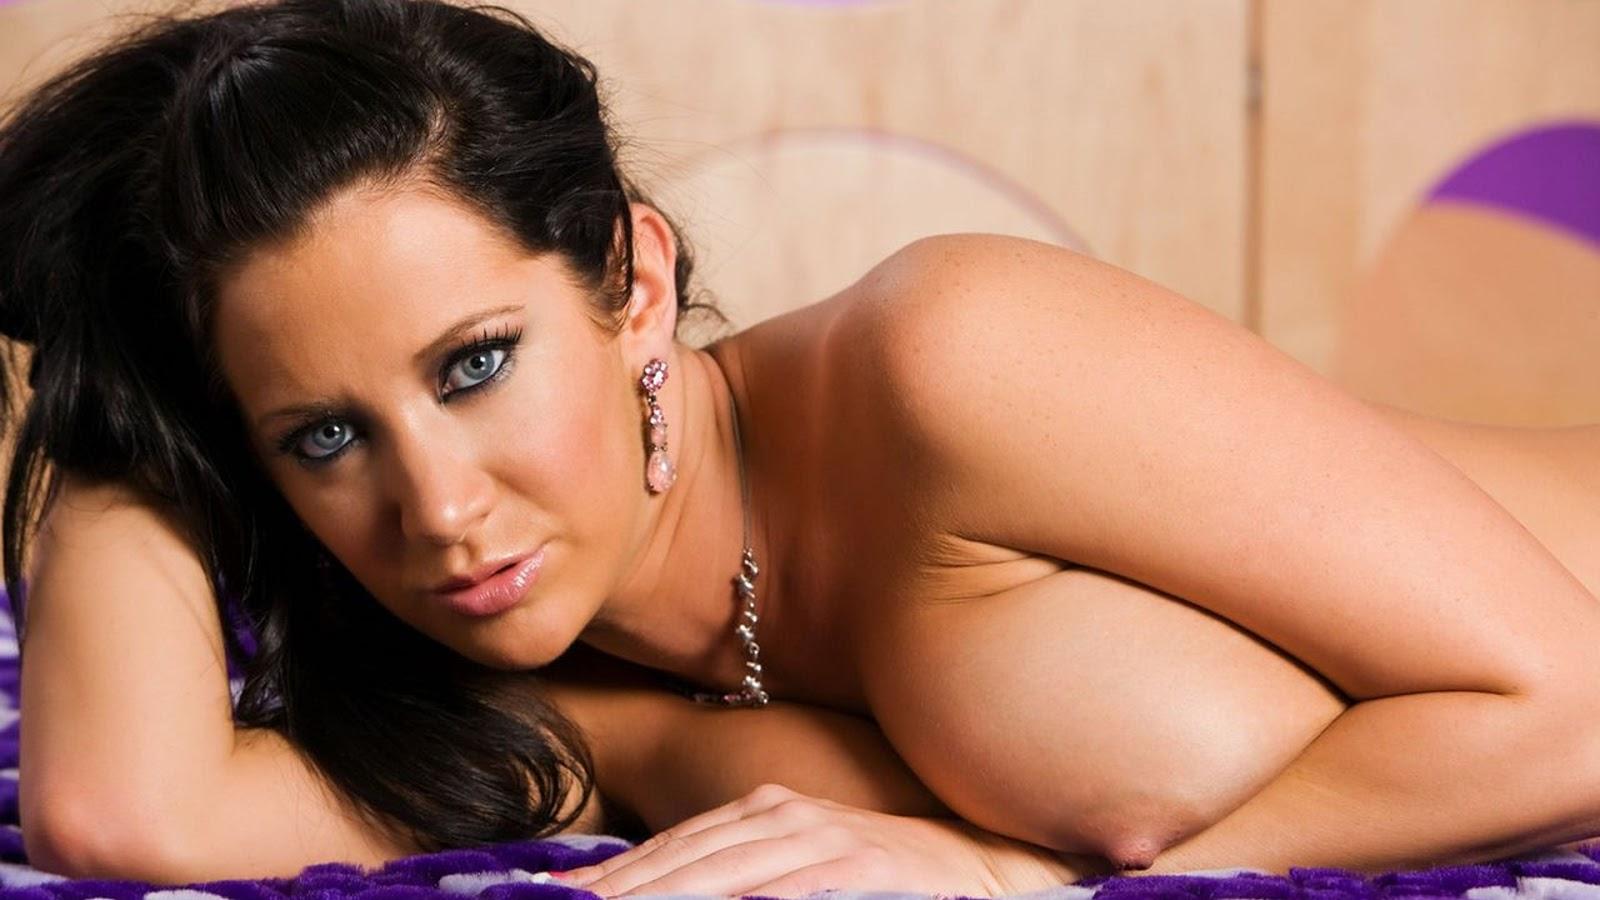 Jayden jaymes nude pics-8525